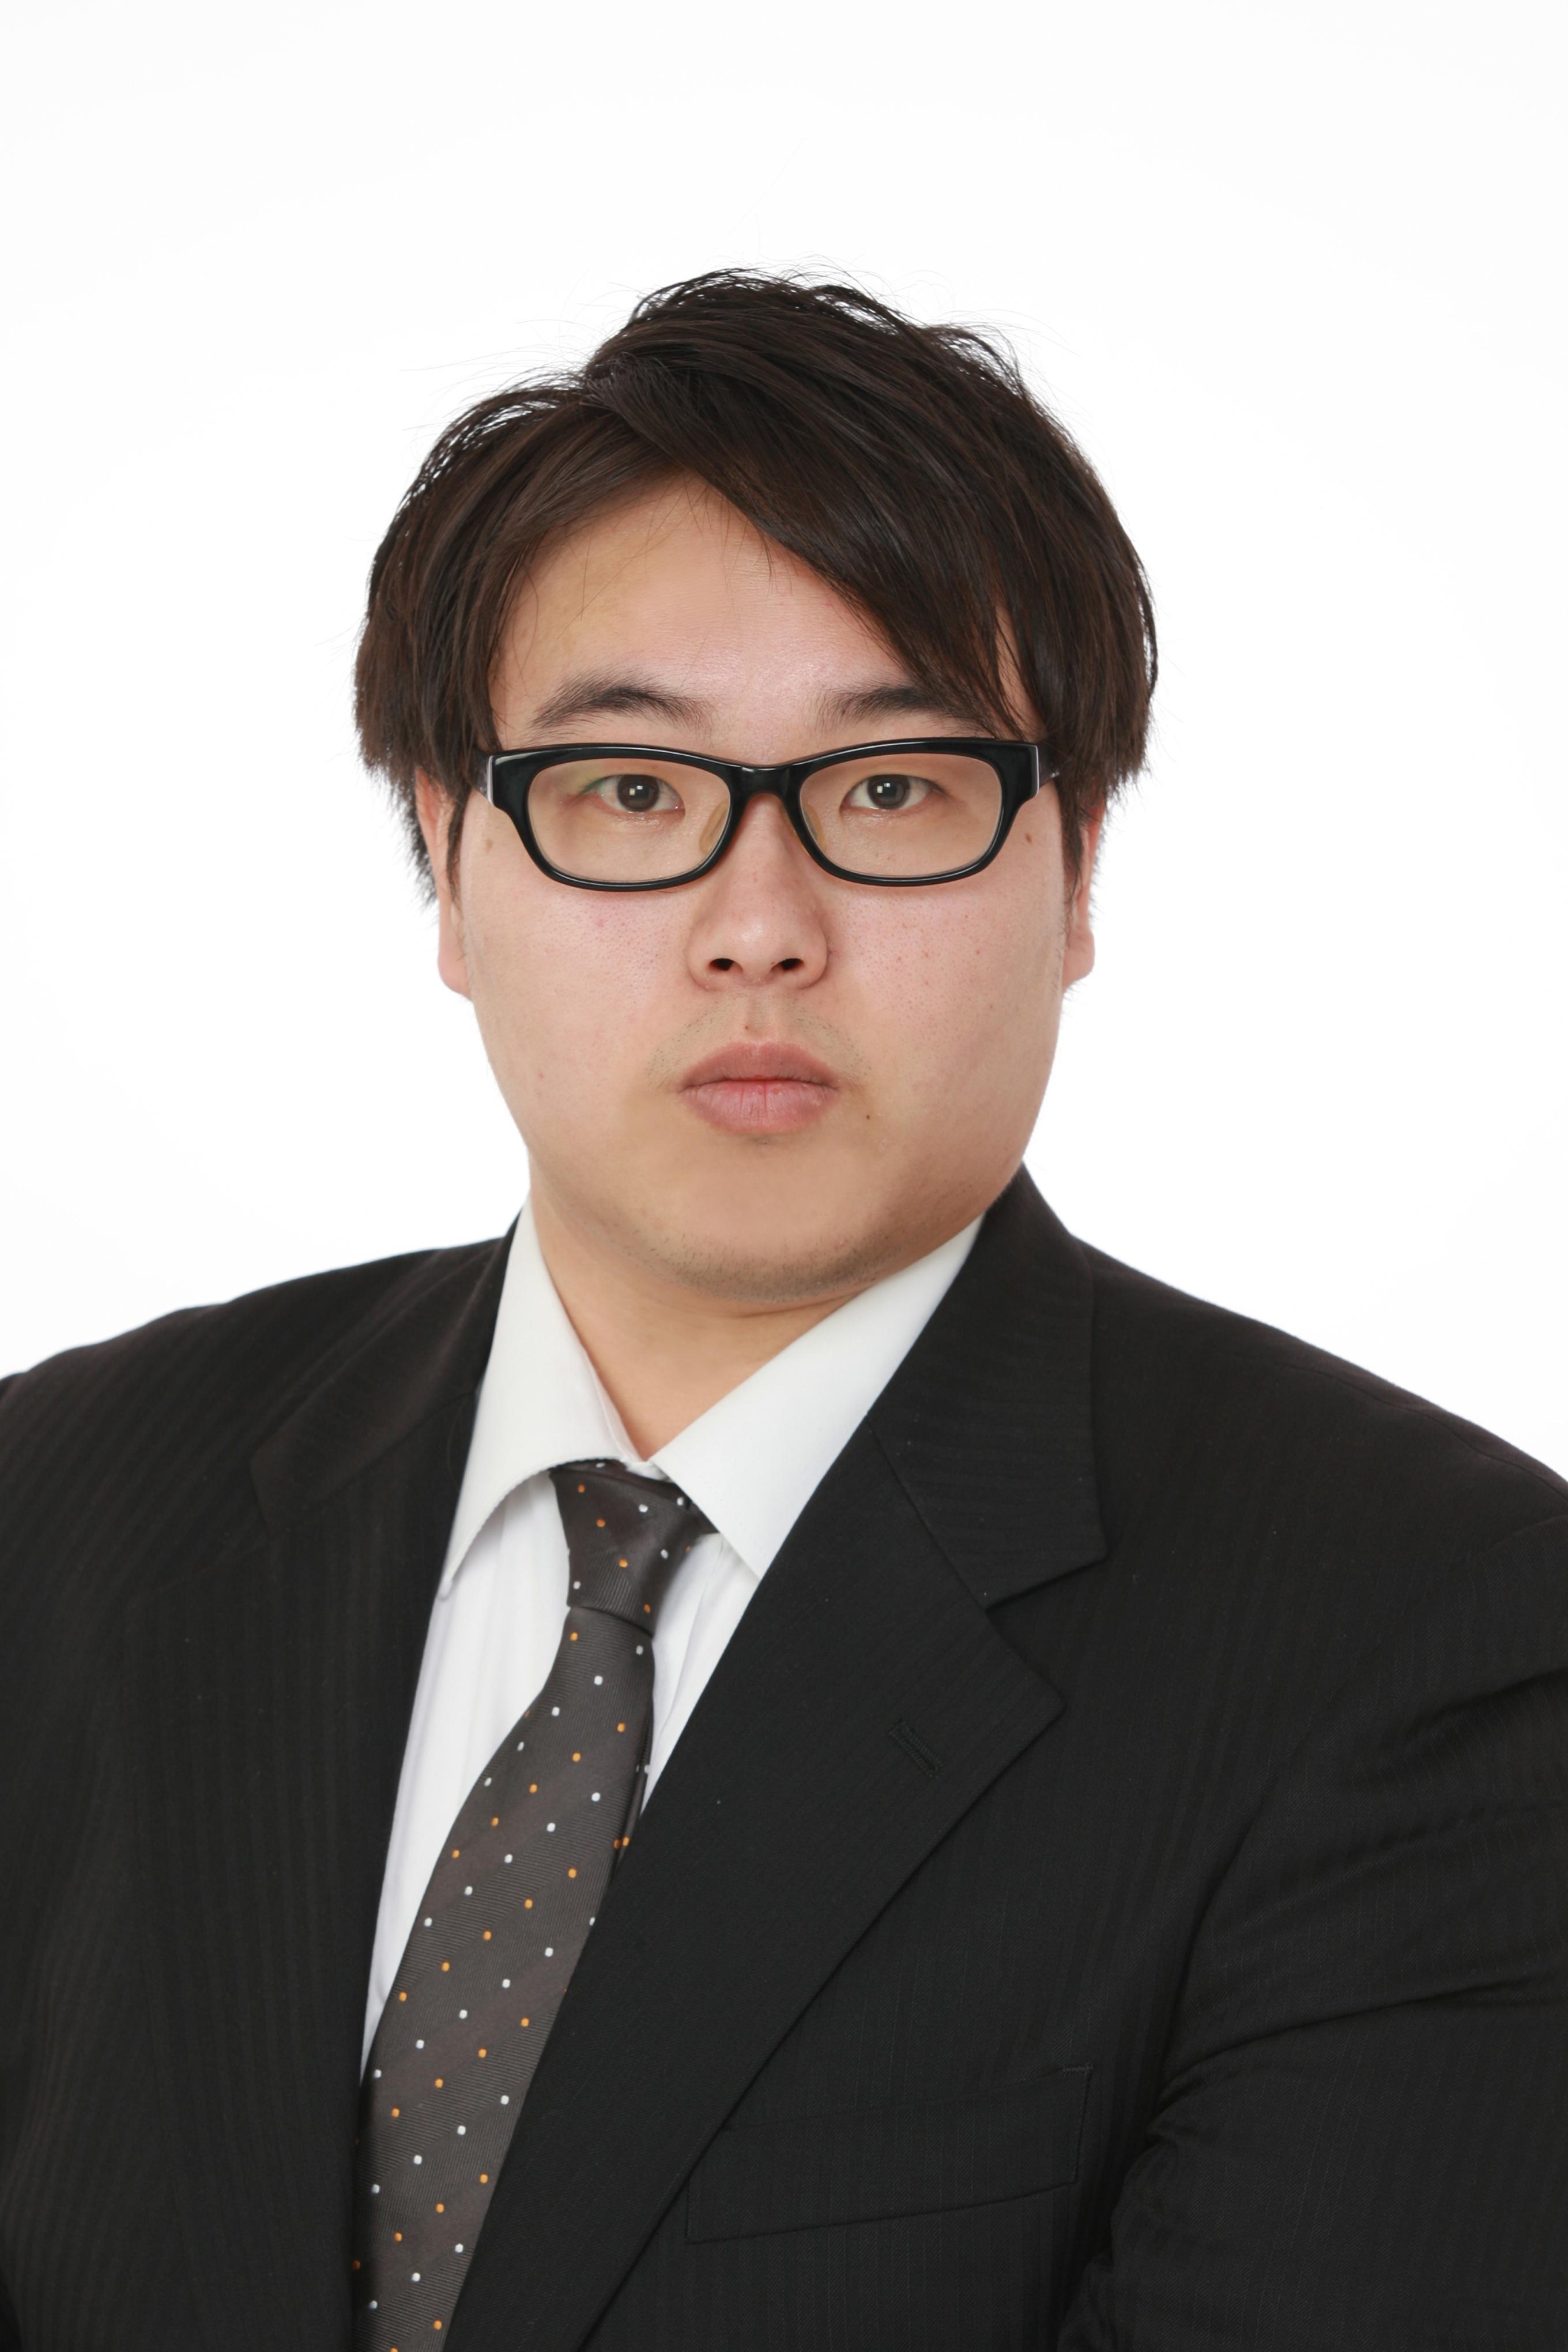 吉田 昇平